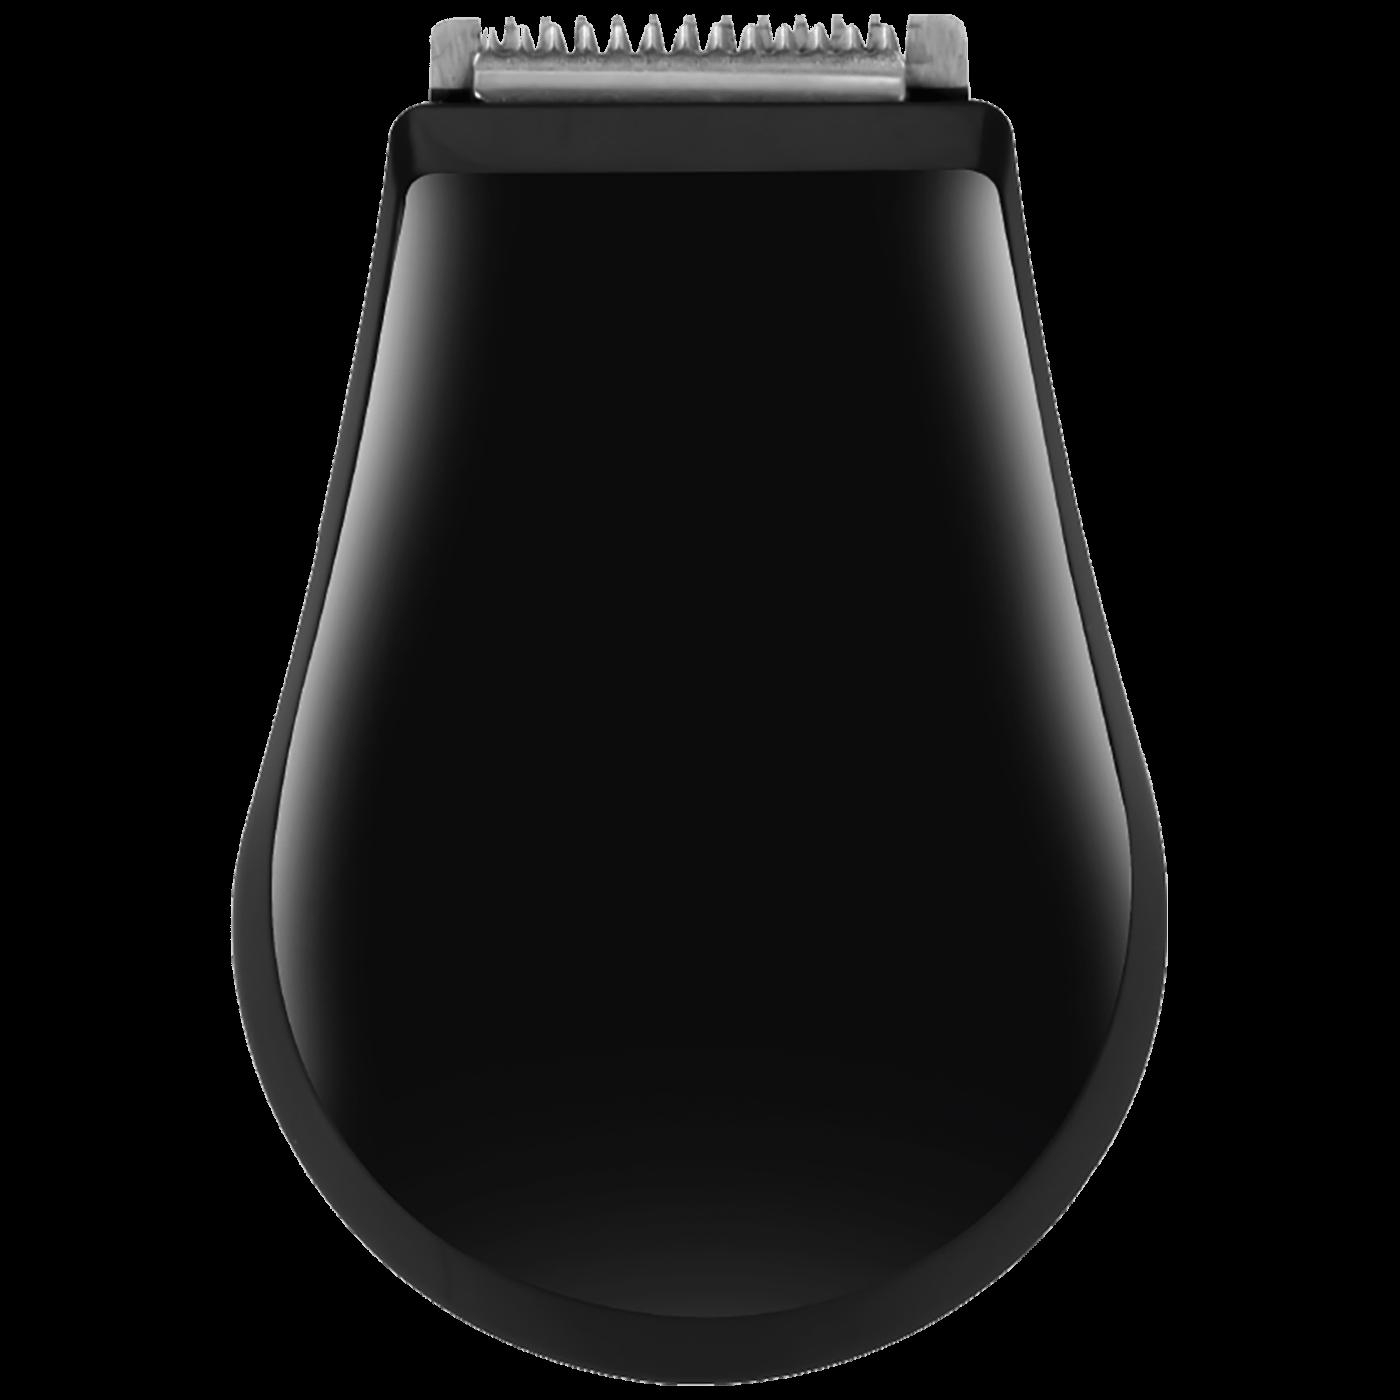 Aparat za brijanje, LED zaslon, Accu